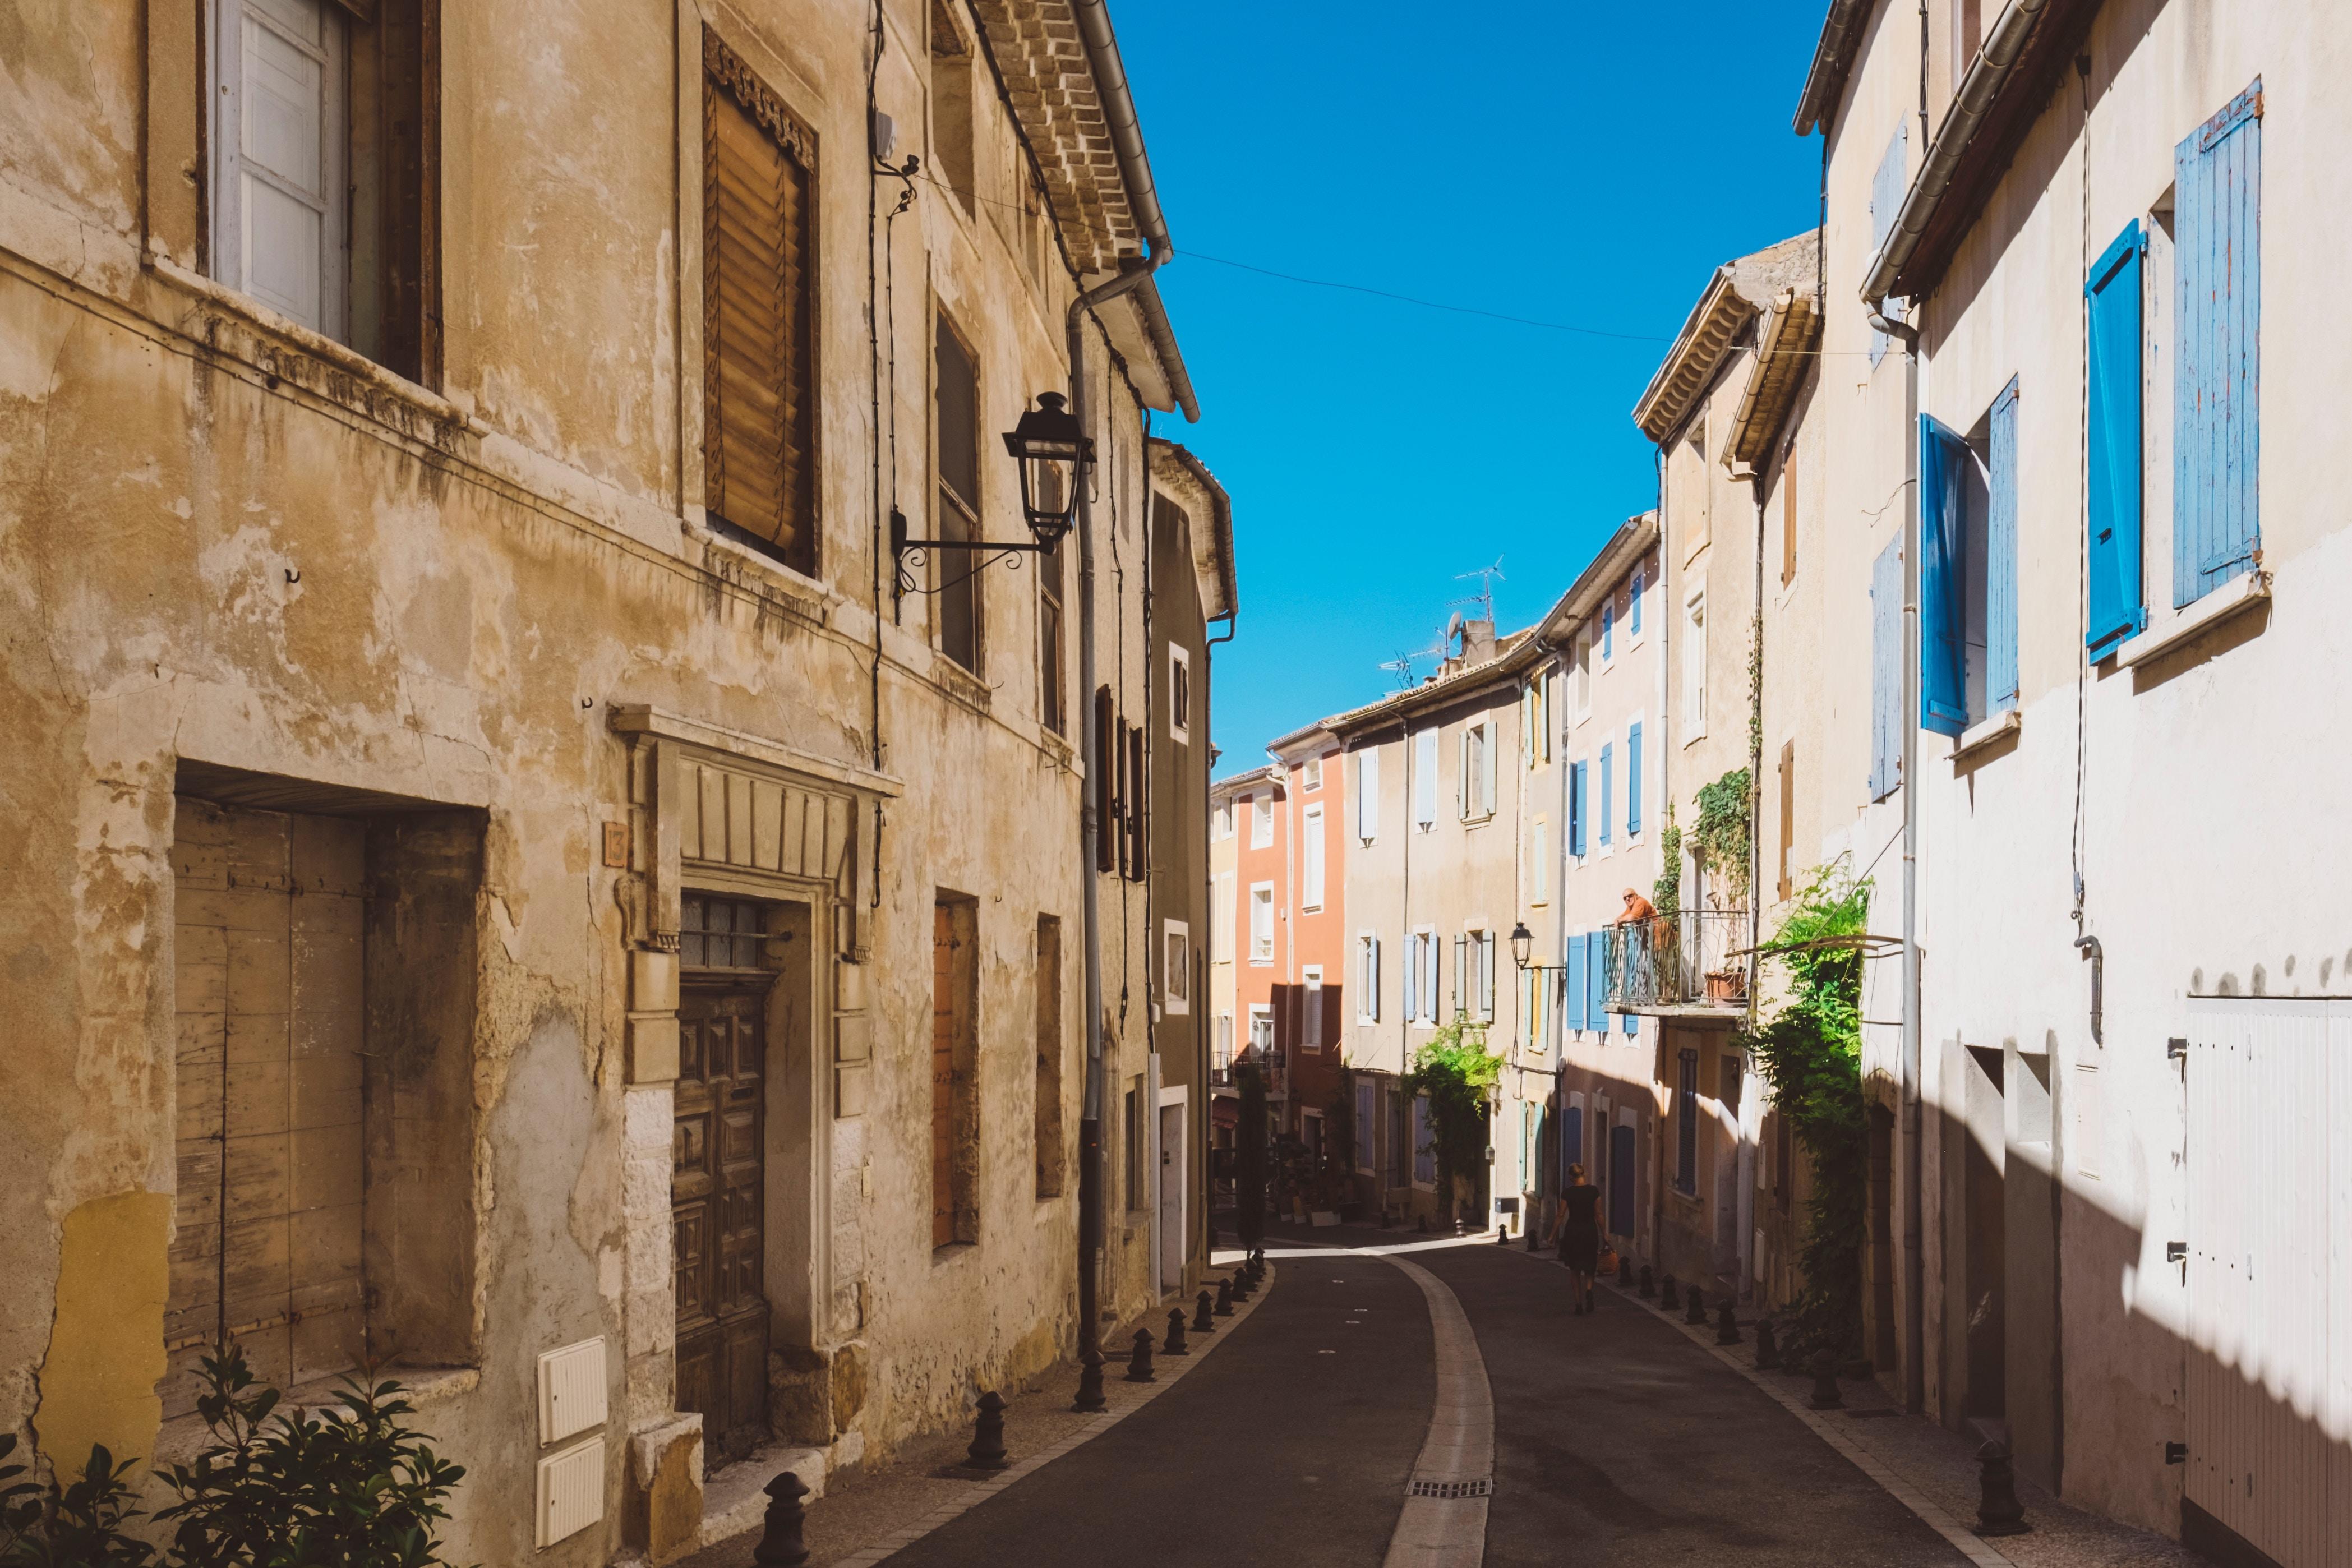 Image principale de l'article Faut-il acheter une maison quand on est jeune?